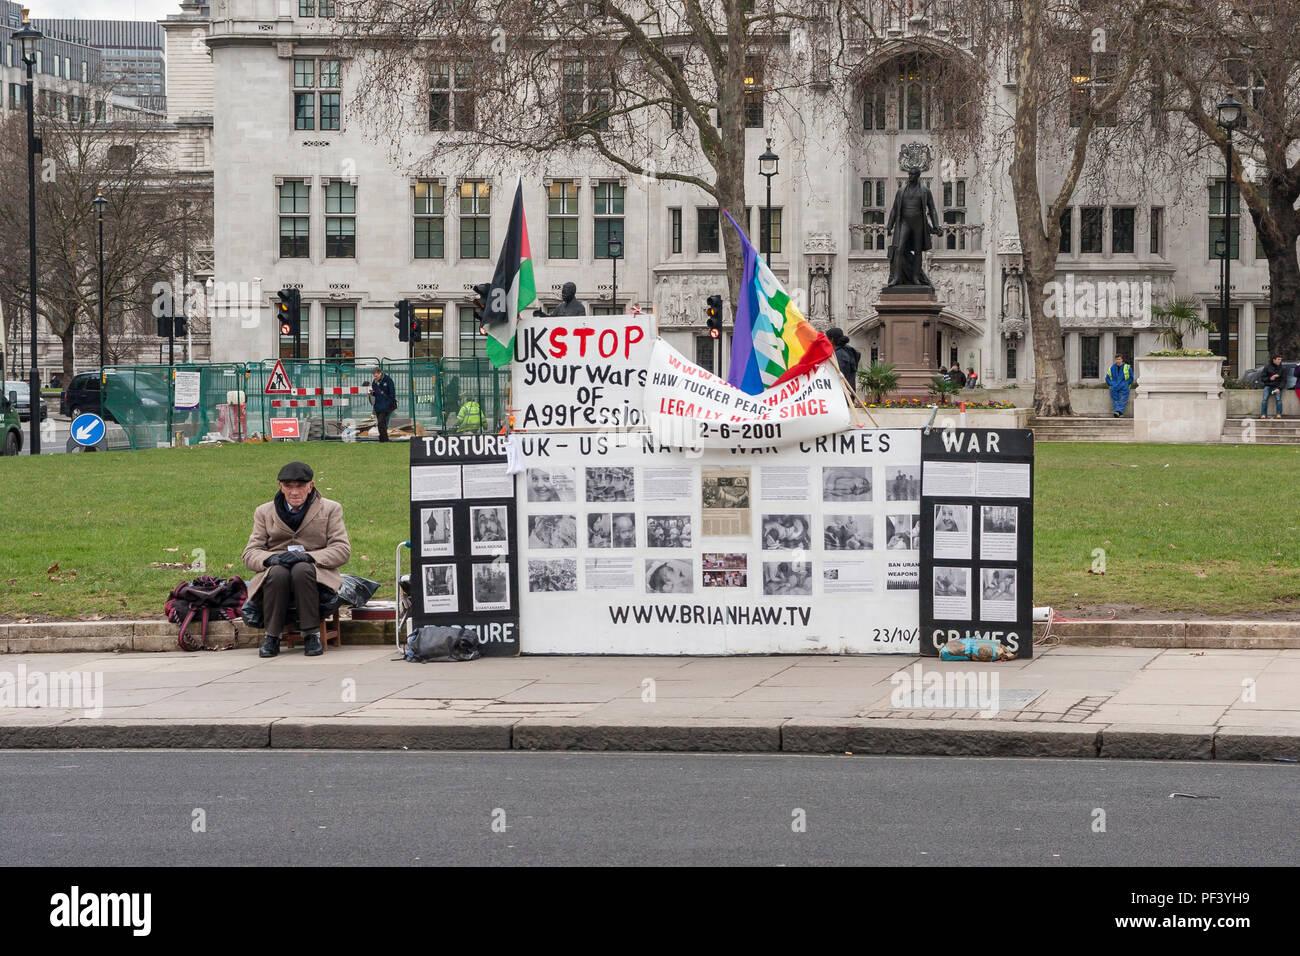 Die Überreste der Brian Haw Frieden Protest in Parliament Square, London. Stockbild